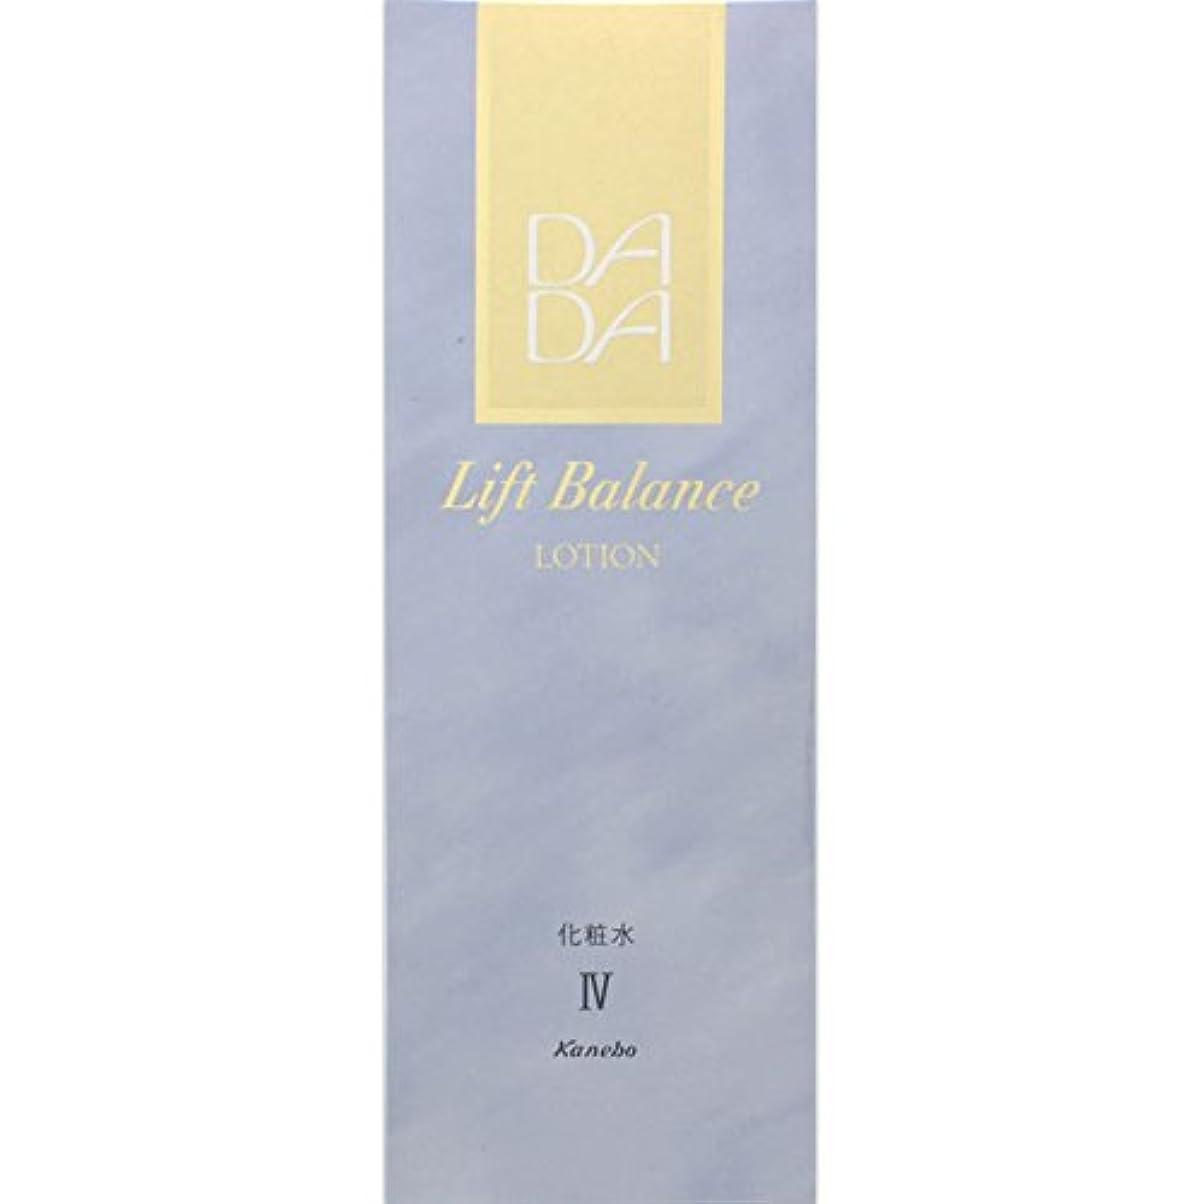 抹消十一容赦ない【カネボウ】 DADA(ダダ) B15 リフトバランスローションIV とてもしっとり 120ml